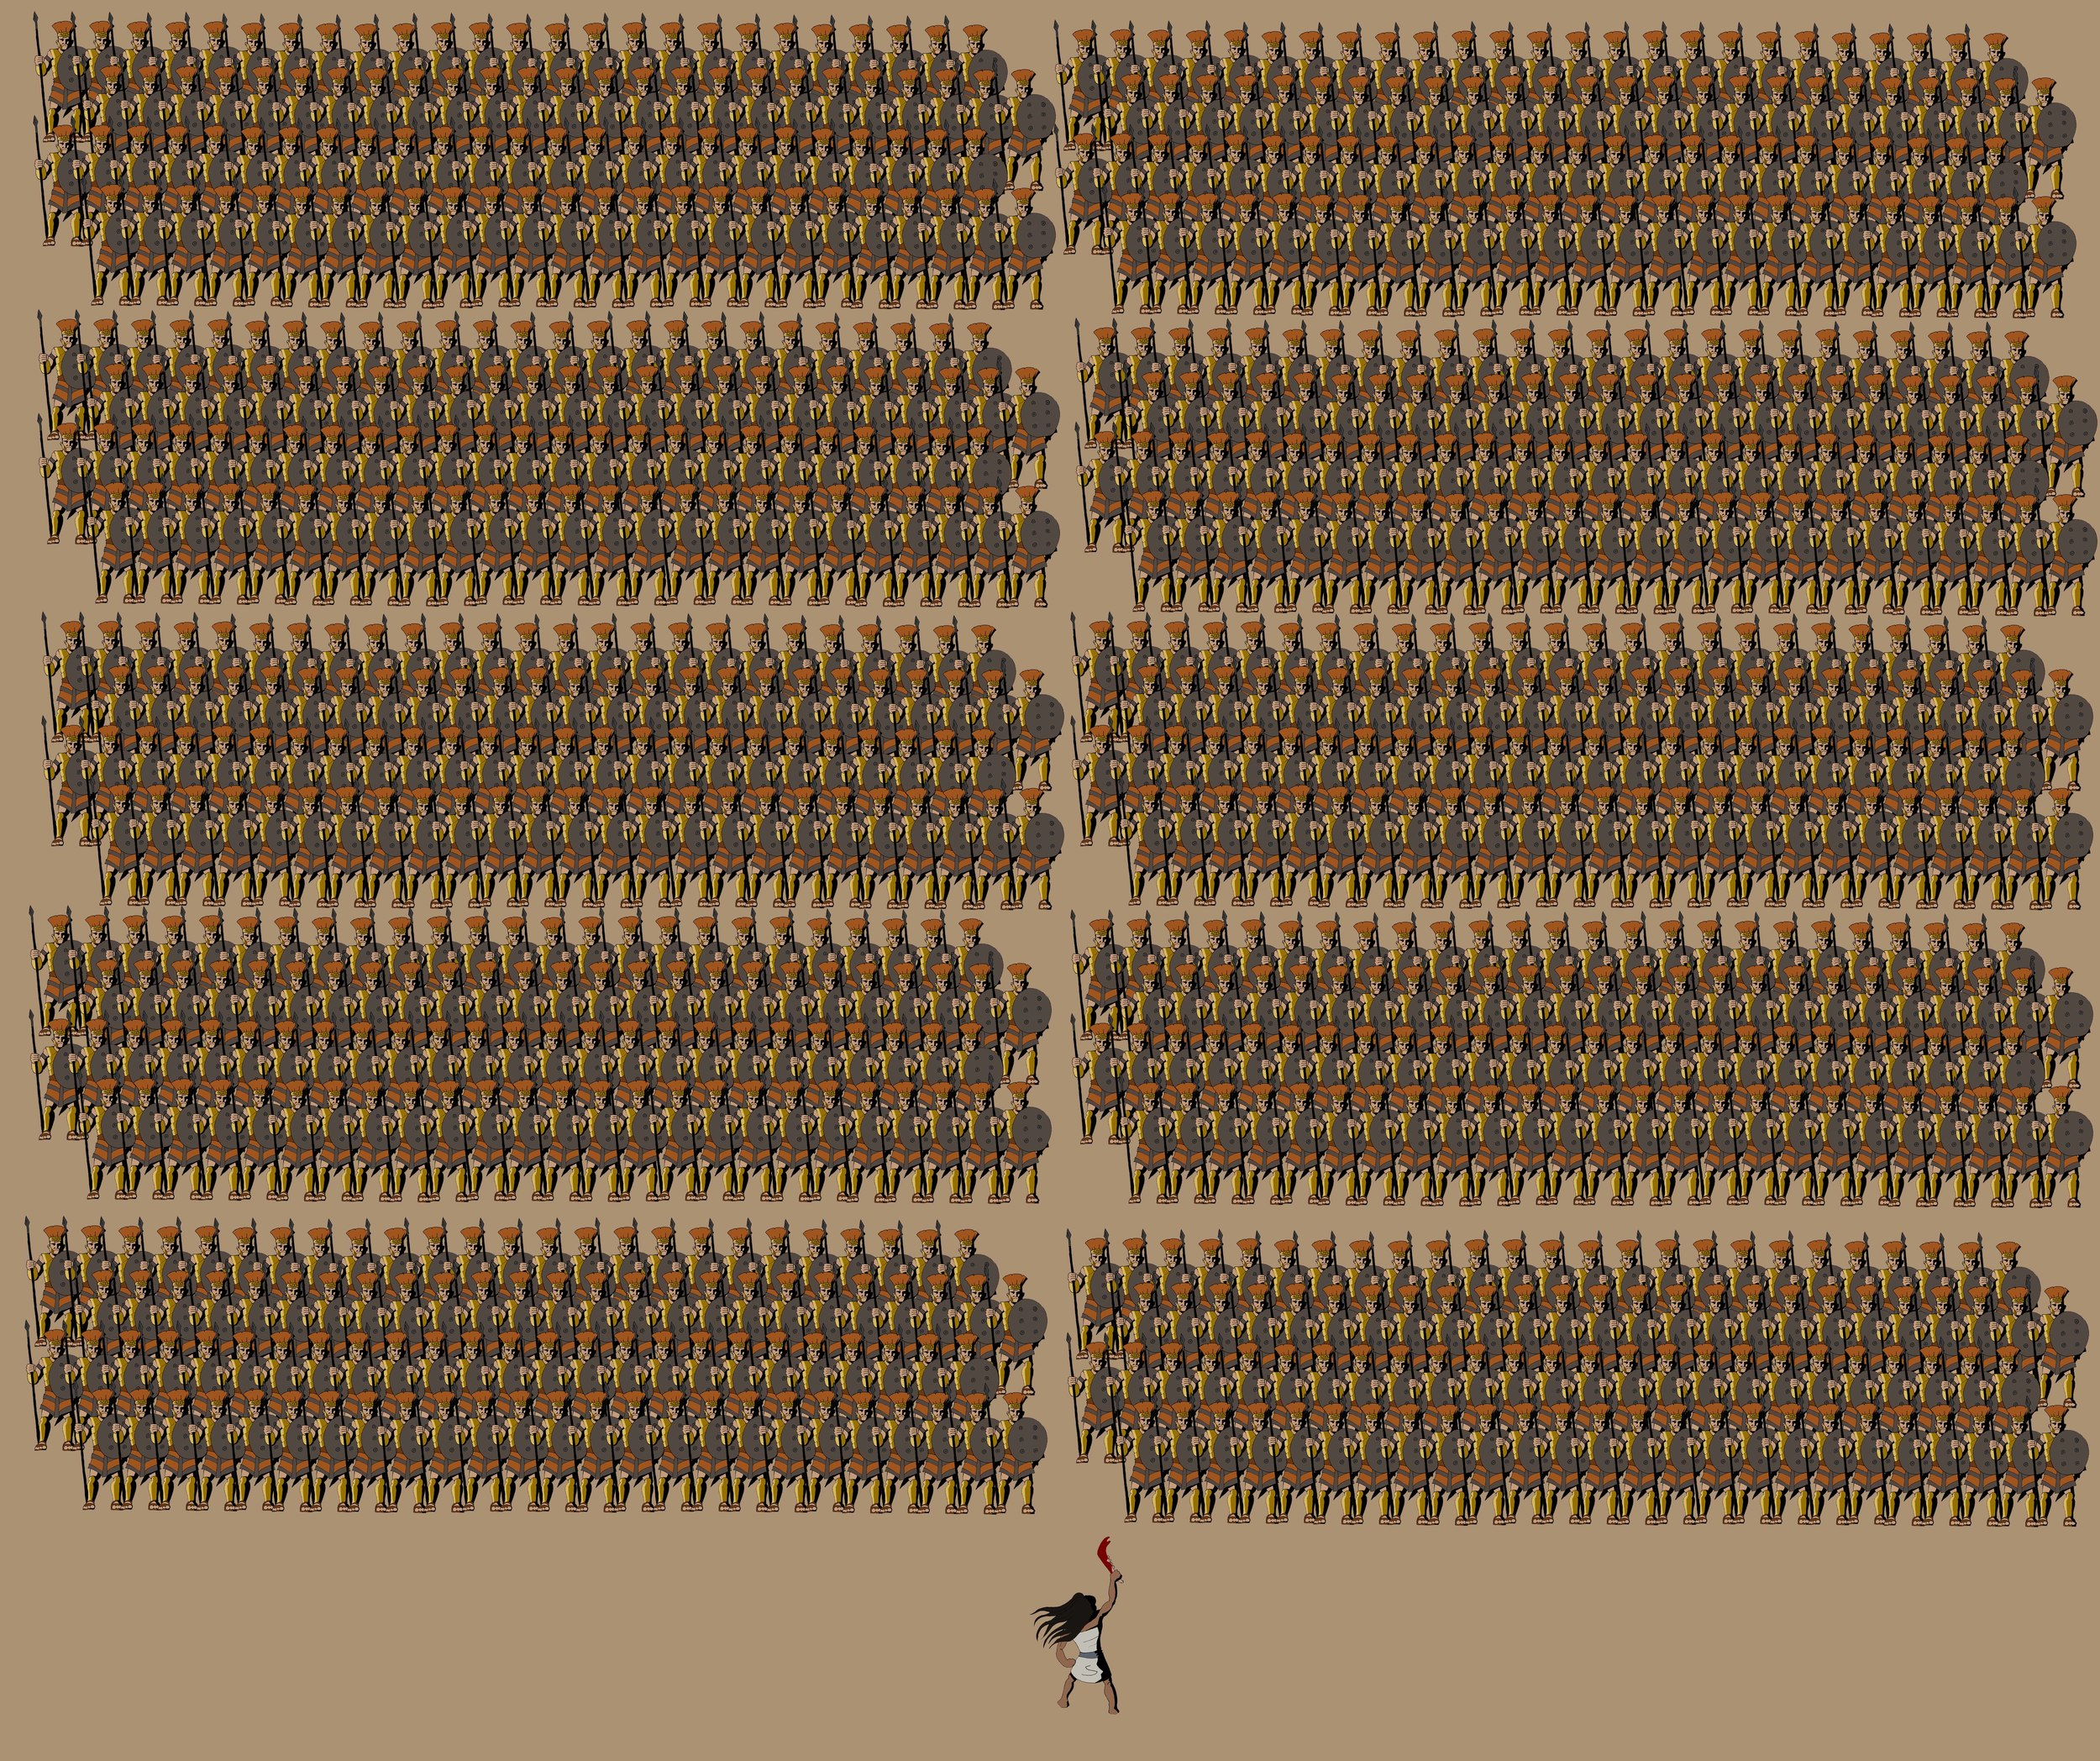 Samson vs Thousand 1000 philistines. The Word for Word Bible Comic